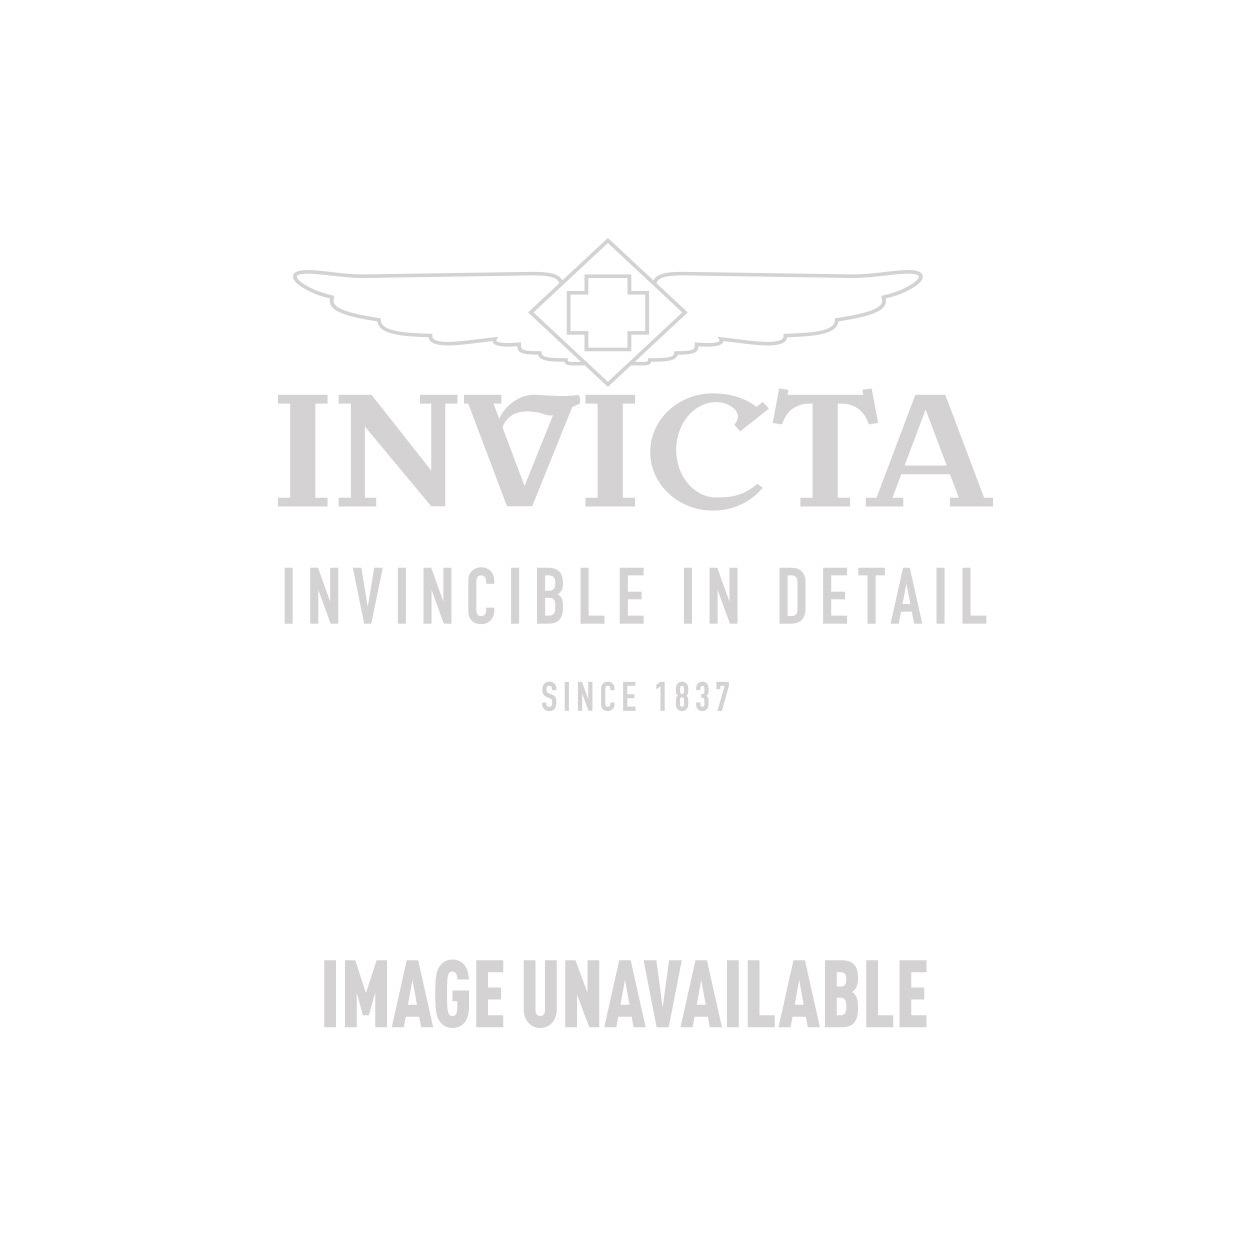 Invicta Model 24987